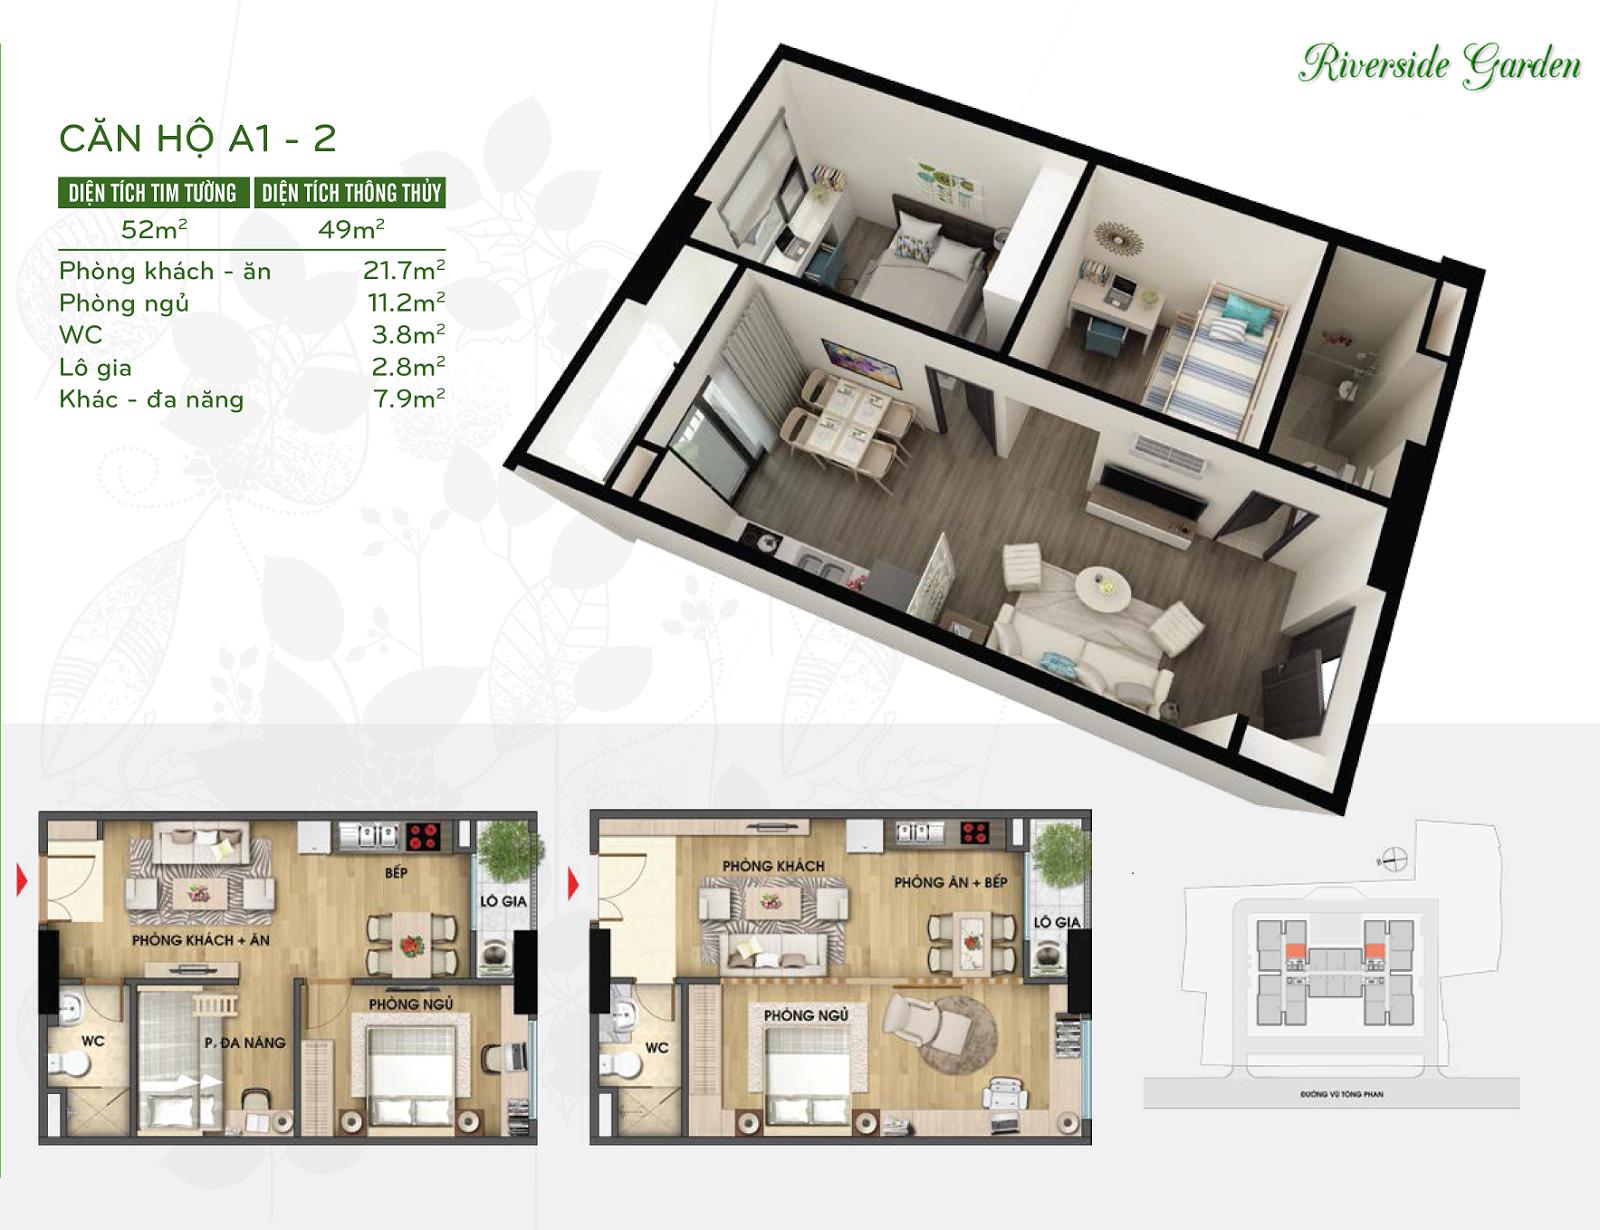 Thiết kế căn hộ 49m2 chung cư Riverside Garden